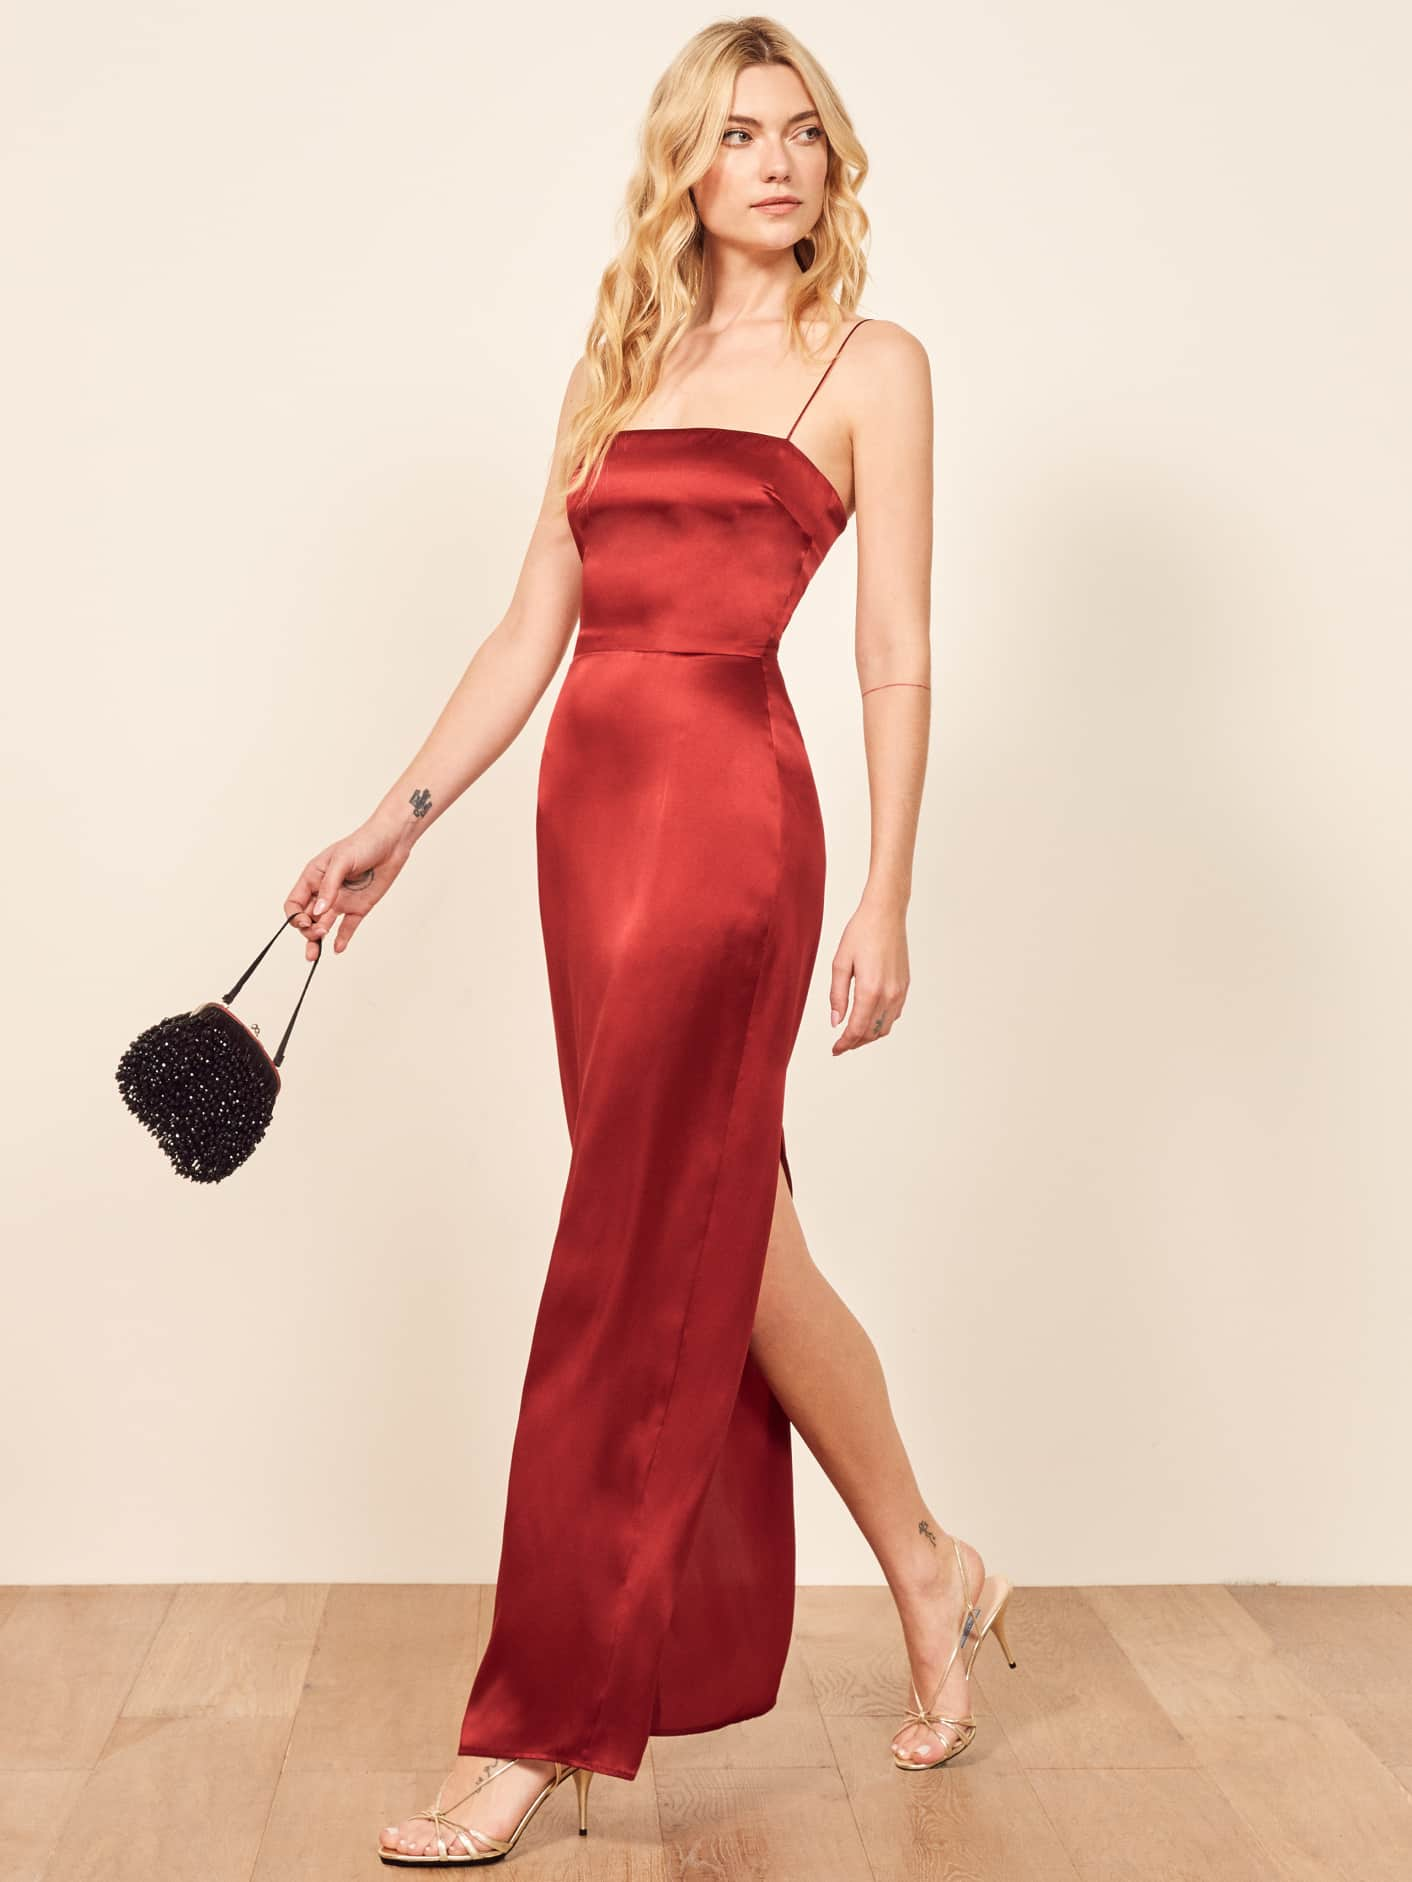 """b484b0900b65 Så som jag """"känner dig"""" är du ju snygg i allt. Men om du vill få alla att  tappa hakan av din skönhet är den här klänningen i glansigt material i äkta  ..."""